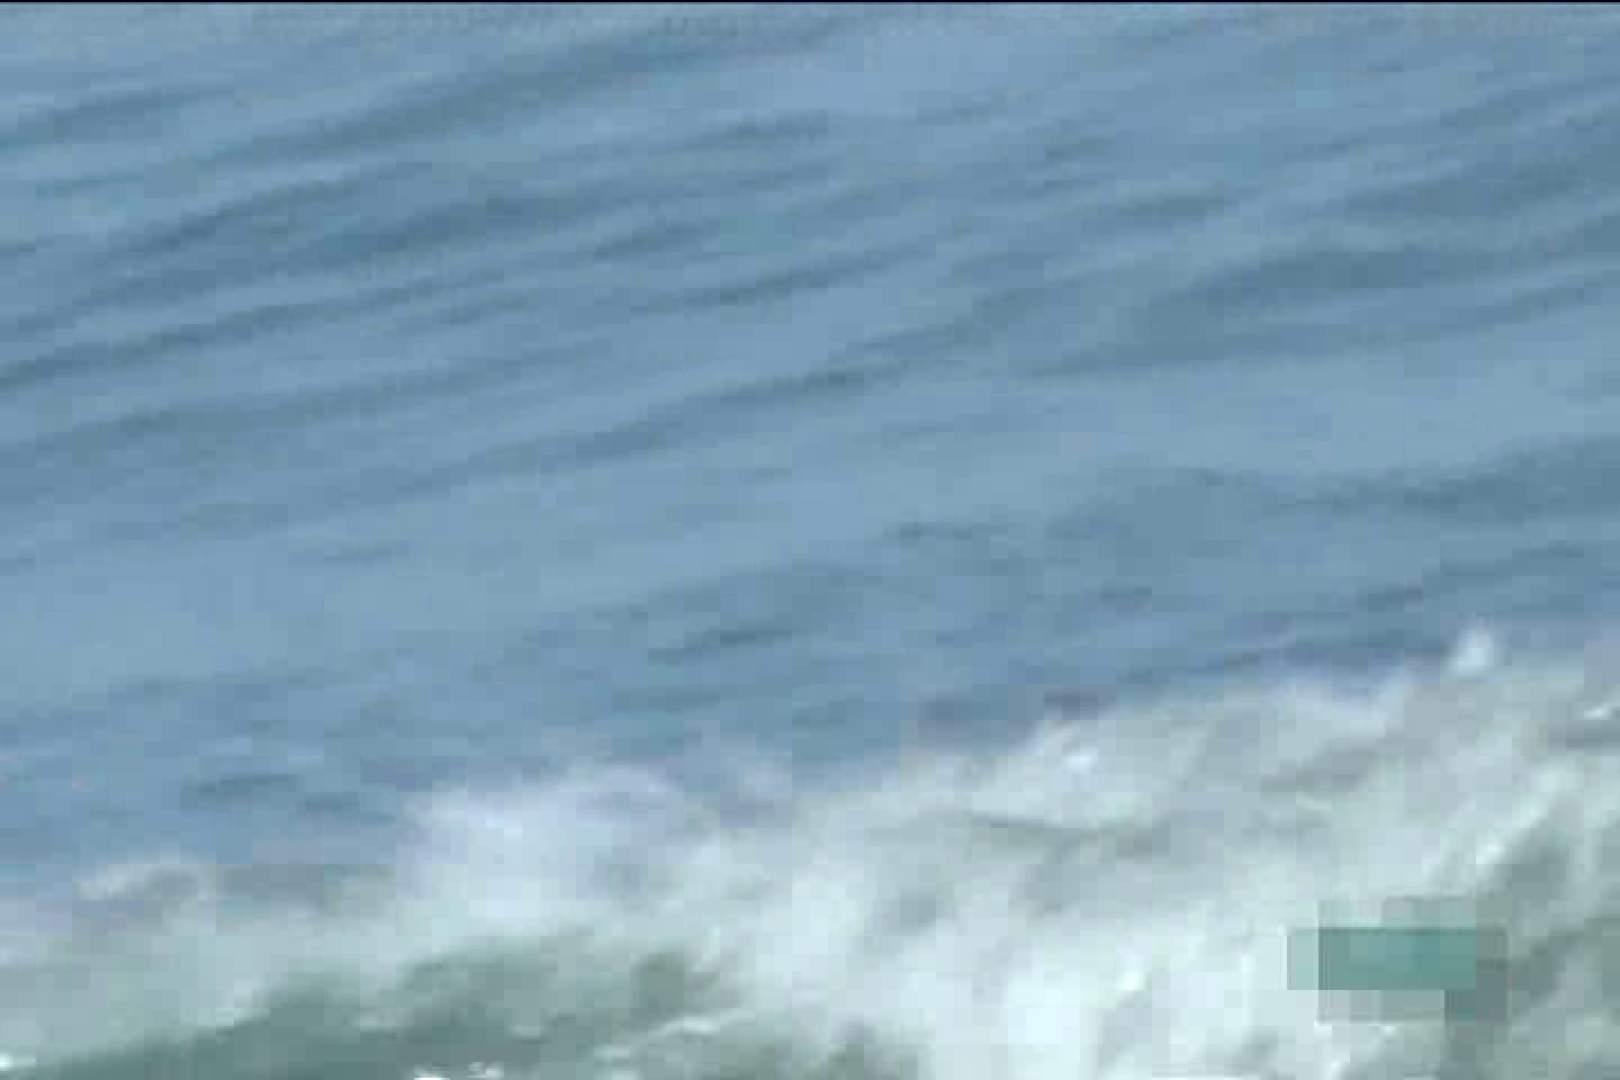 真夏のビーチは危険地帯Vol.3 水着   ギャル  107PIX 37